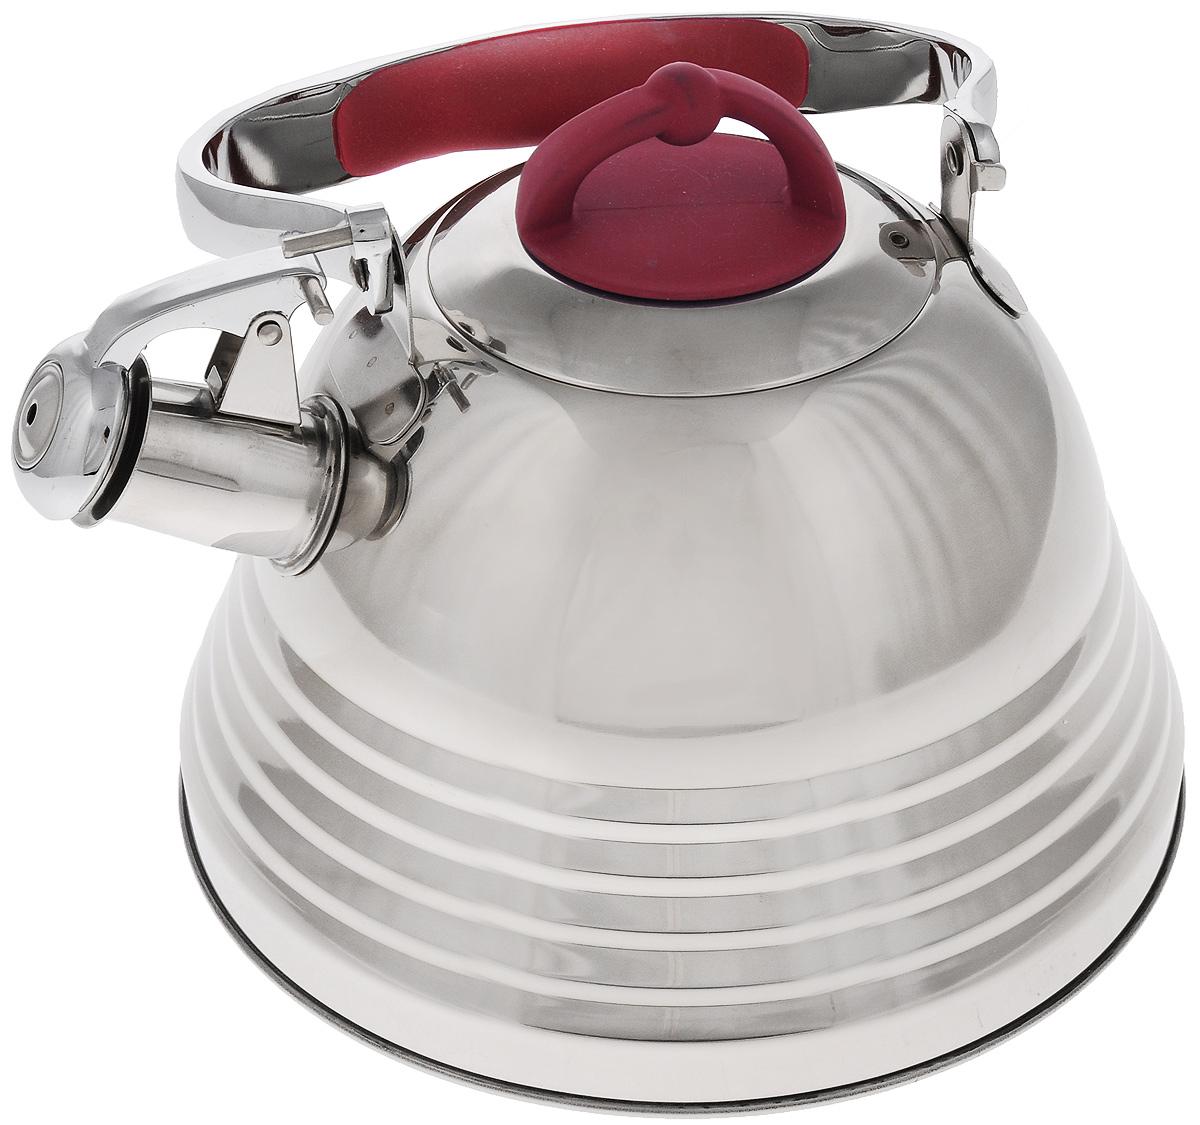 Чайник Mayer & Boch, со свистком, цвет: стальной, красный, 3 л. 2278422784Чайник Mayer & Boch выполнен из высококачественной нержавеющей стали, что обеспечивает долговечность использования. Капсулированное дно с прослойкой из алюминия обеспечивает наилучшее распределение тепла. Носик чайника оснащен насадкой-свистком и устройством для его открывания, что позволит вам контролировать процесс подогрева или кипячения воды. Ручка оснащена силиконовой вставкой для предотвращения ожогов на руках.Можно мыть в посудомоечной машине. Подходит для всех типов плит, включая индукционные.Диаметр чайника (по верхнему краю): 10 см. Высота чайника (без учета крышки и ручки): 13 см. Высота чайника (с учетом крышки и ручки): 24,5 см.